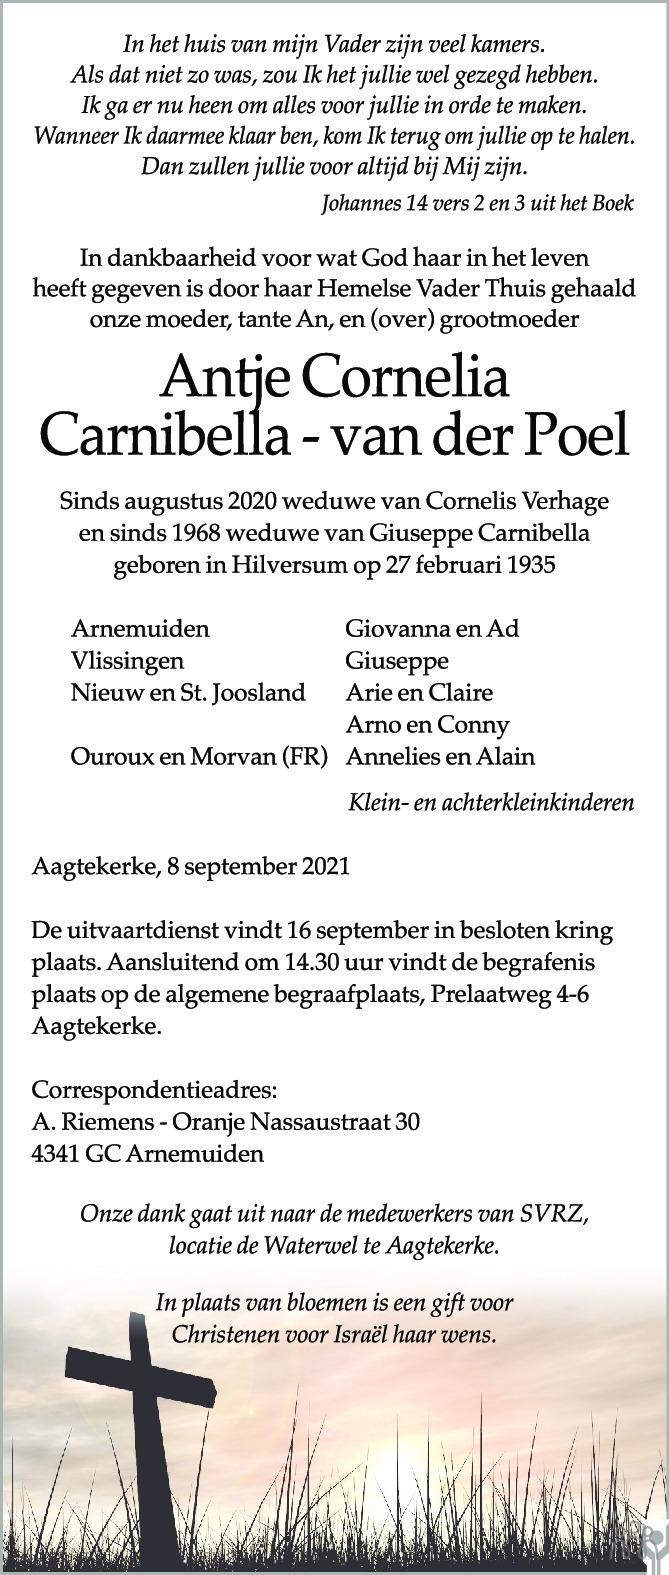 Overlijdensbericht van Antje Cornelia Carnibella-van der Poel in PZC Provinciale Zeeuwse Courant